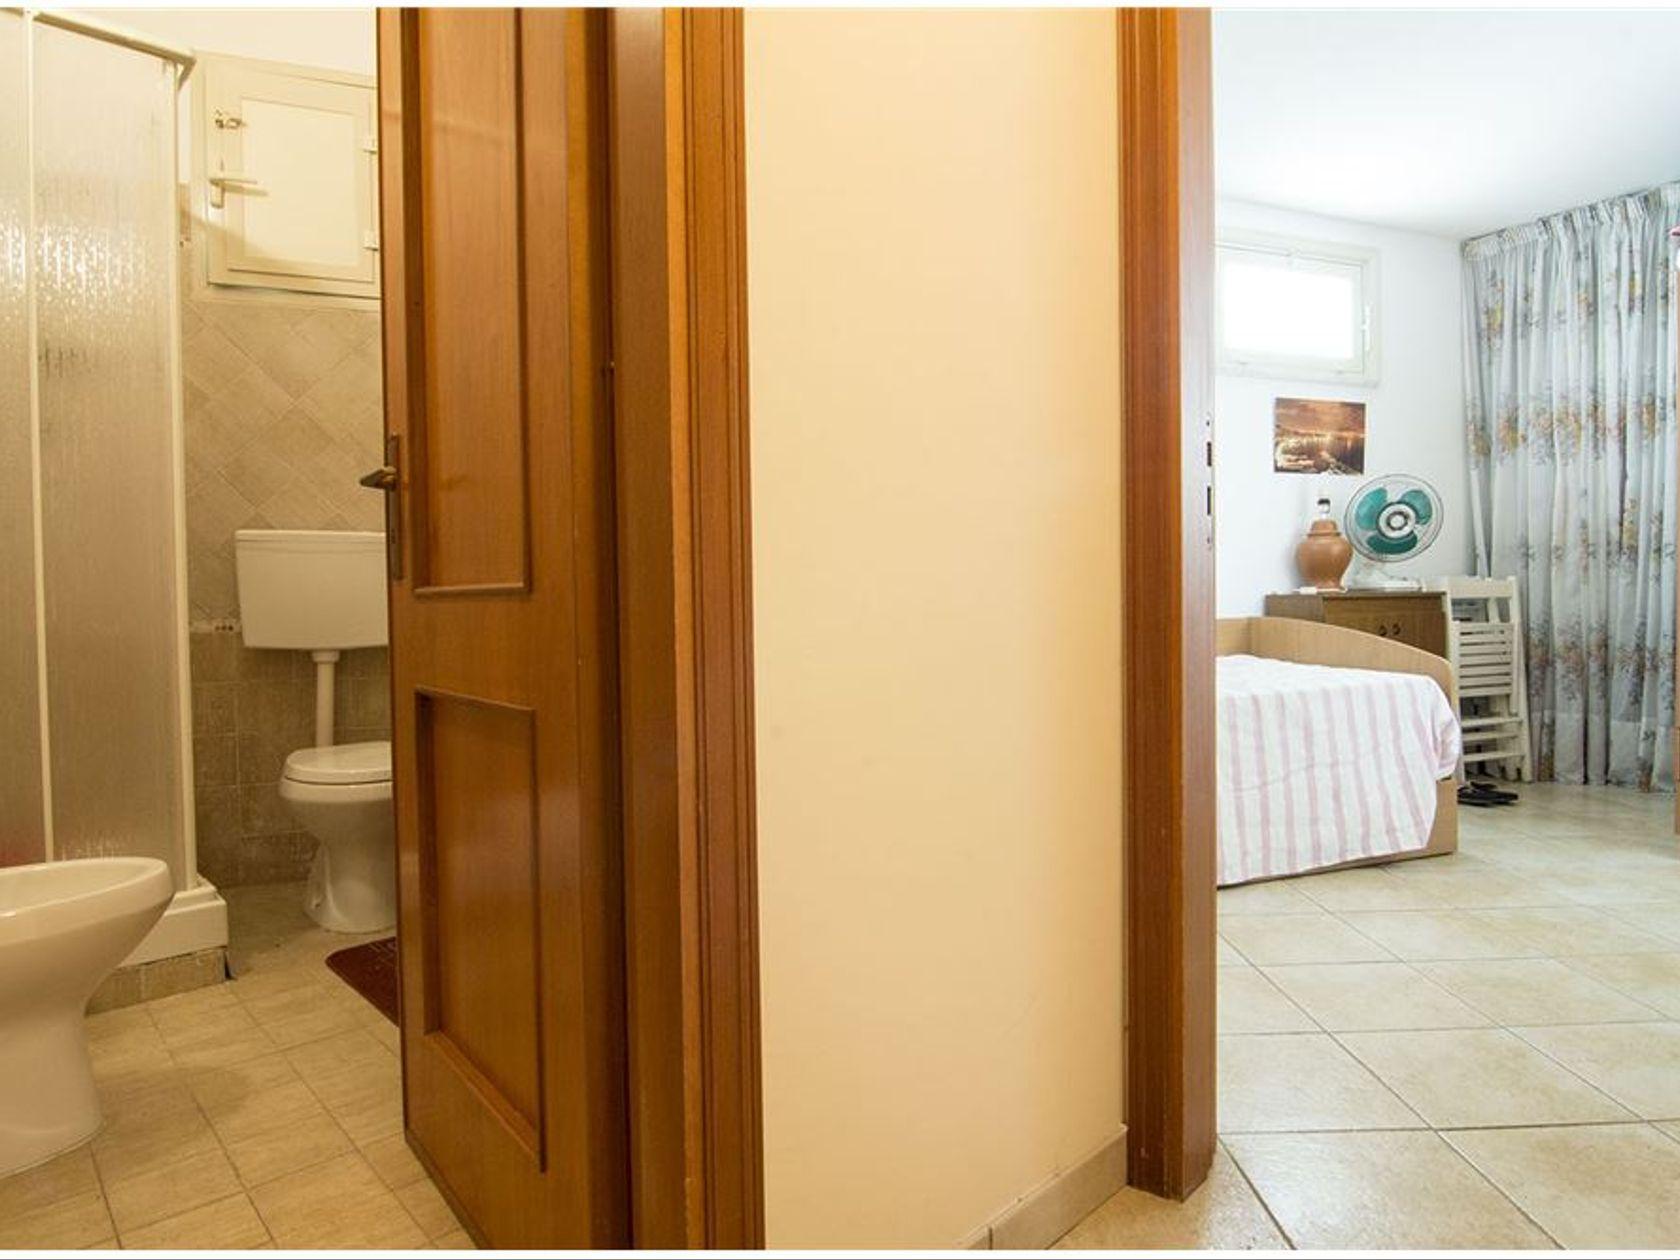 Appartamento Catania-vaccarizzo,agnone, Catania, CT Vendita - Foto 13